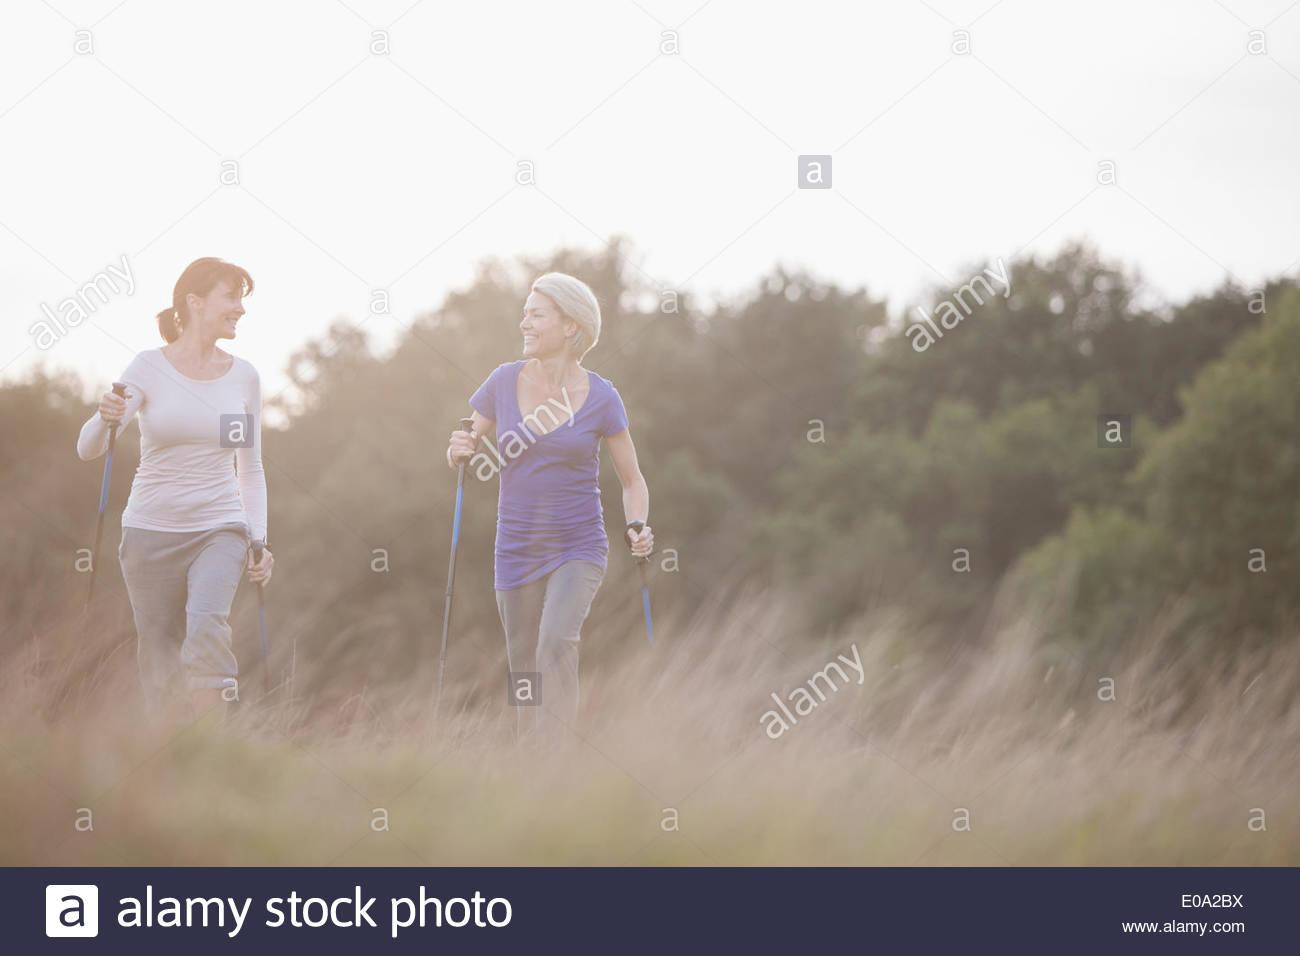 Felici donne escursionismo insieme all'aperto Immagini Stock